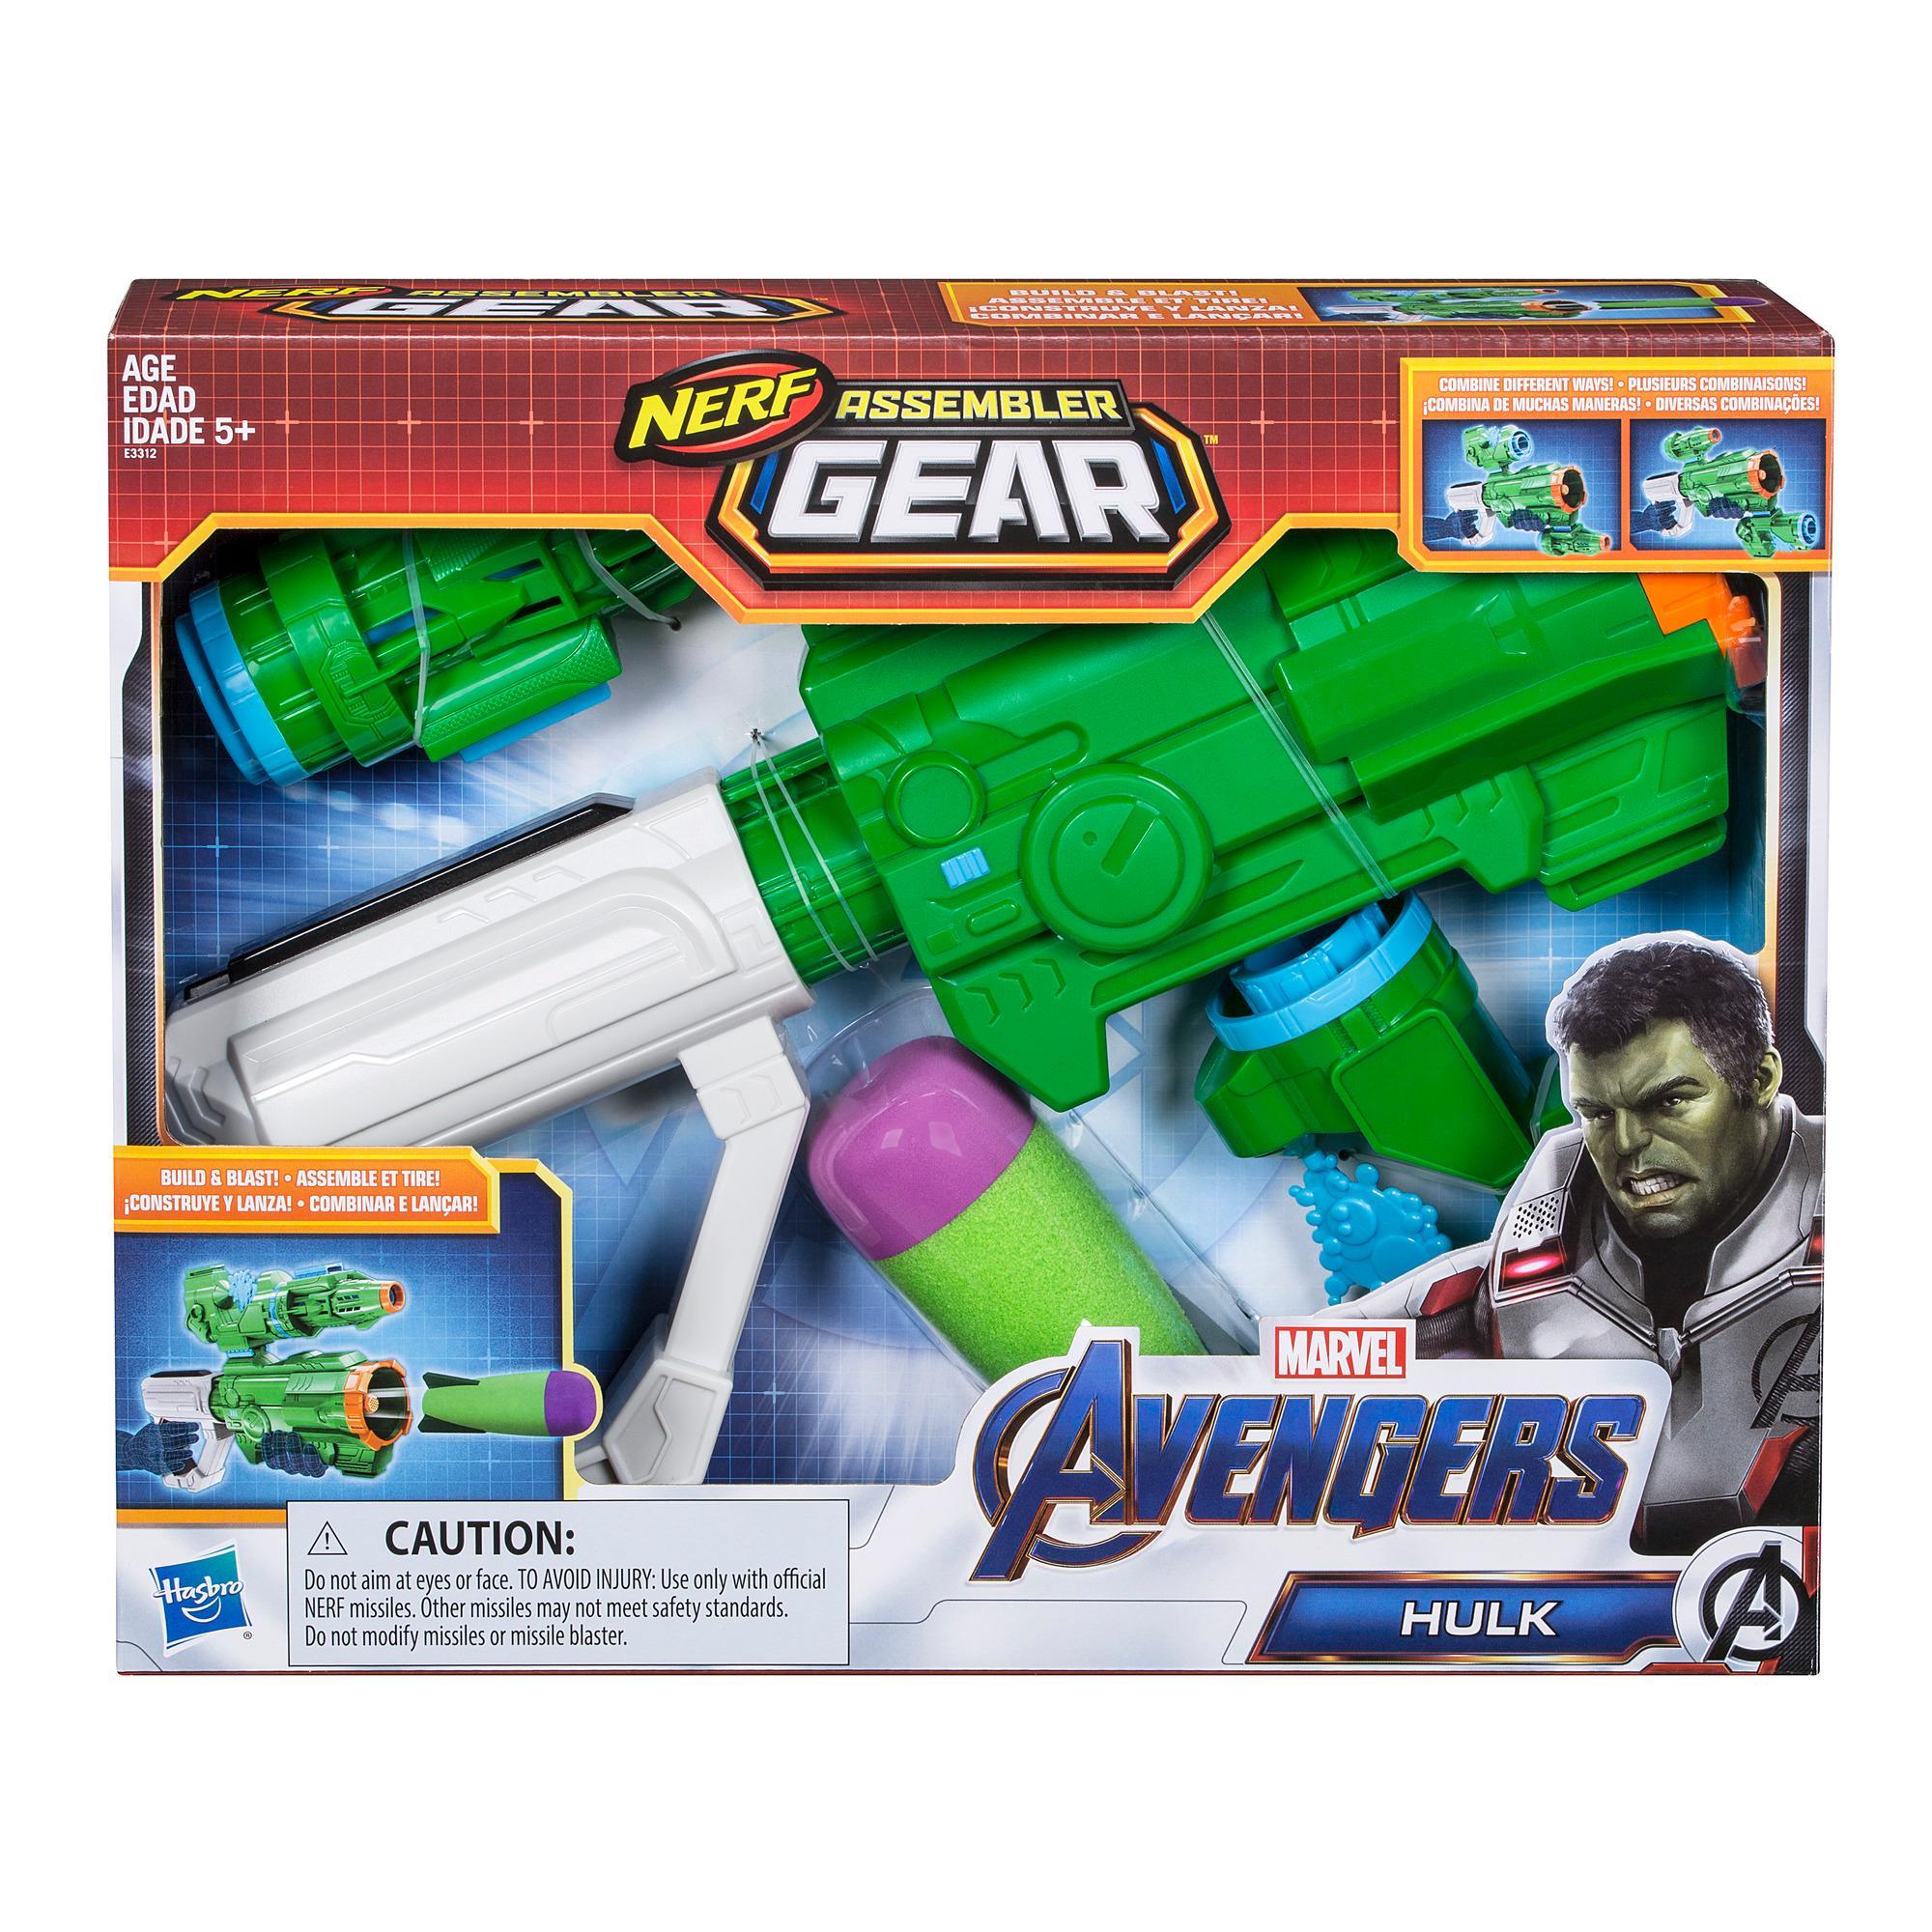 Marvel Avengers: Endgame - Nerf Hulk - Assembler Gear